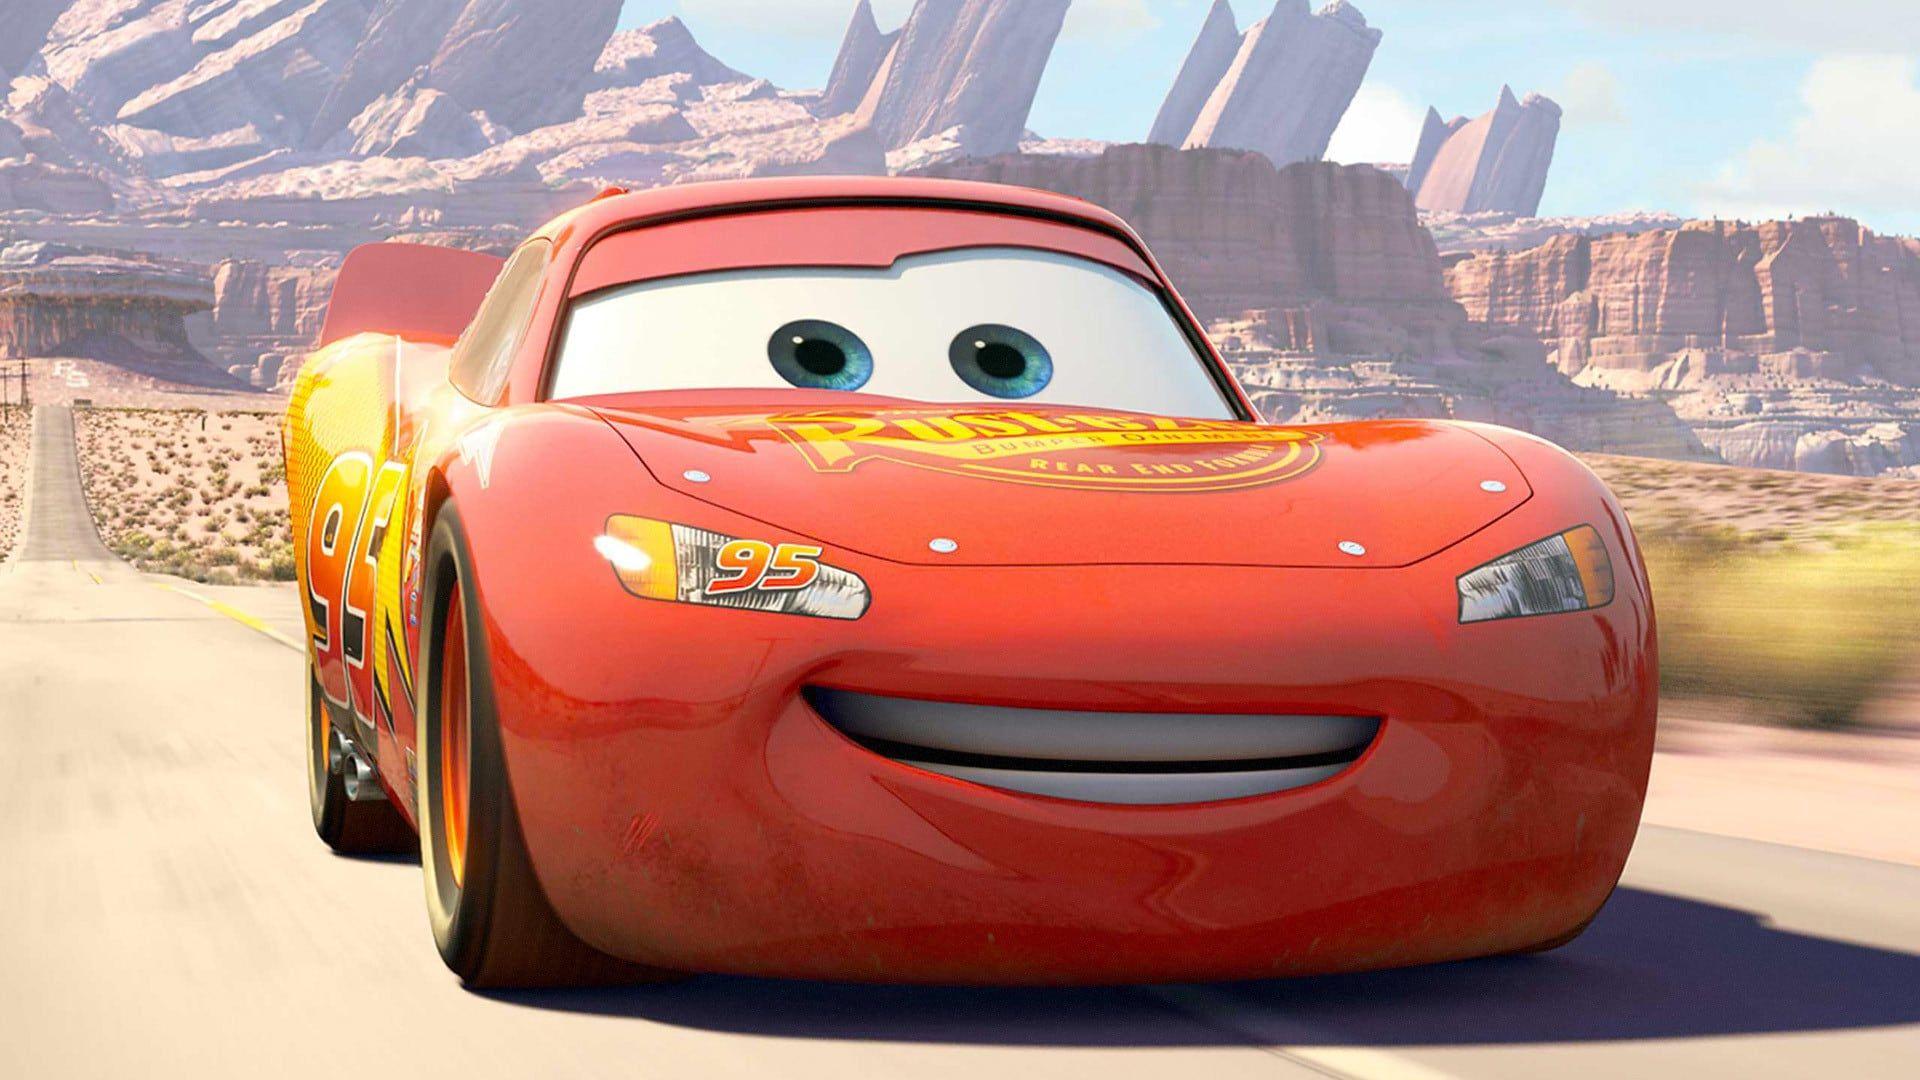 Cars 2006 ganzer film deutsch KOMPLETT Kino